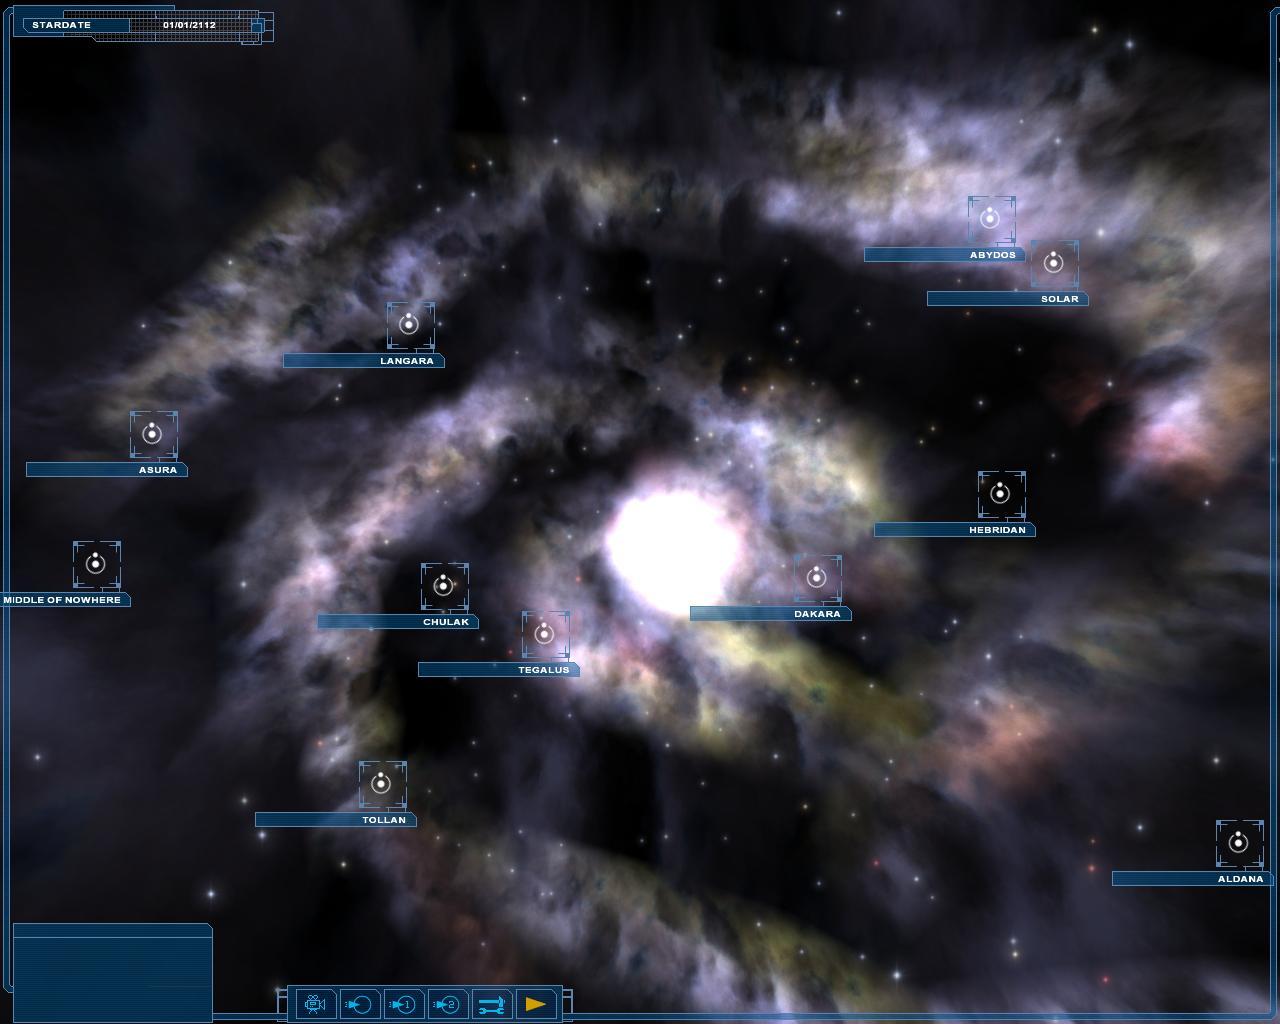 [Image: mission_editor_DX9_2010-10-29_22-29-03-73.jpg]